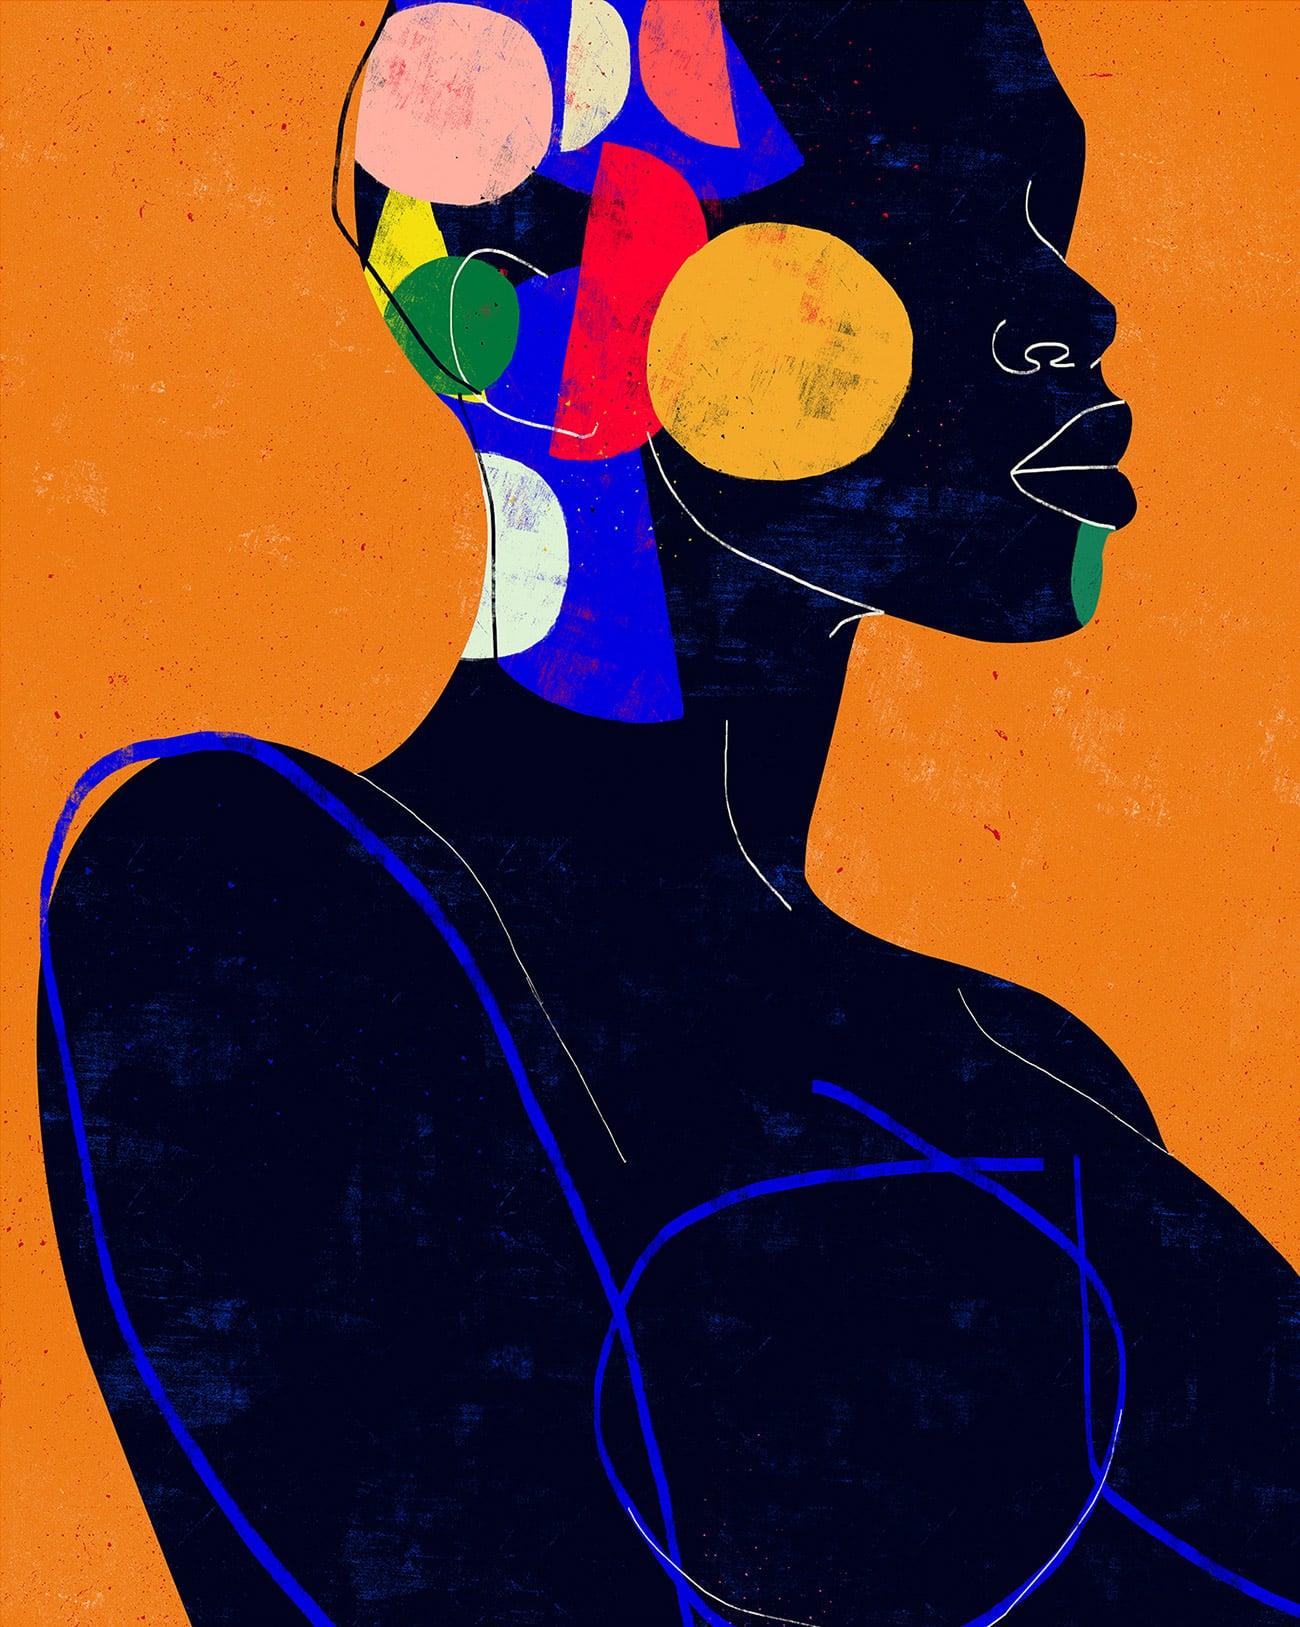 luciano cian retratos minimalistas color